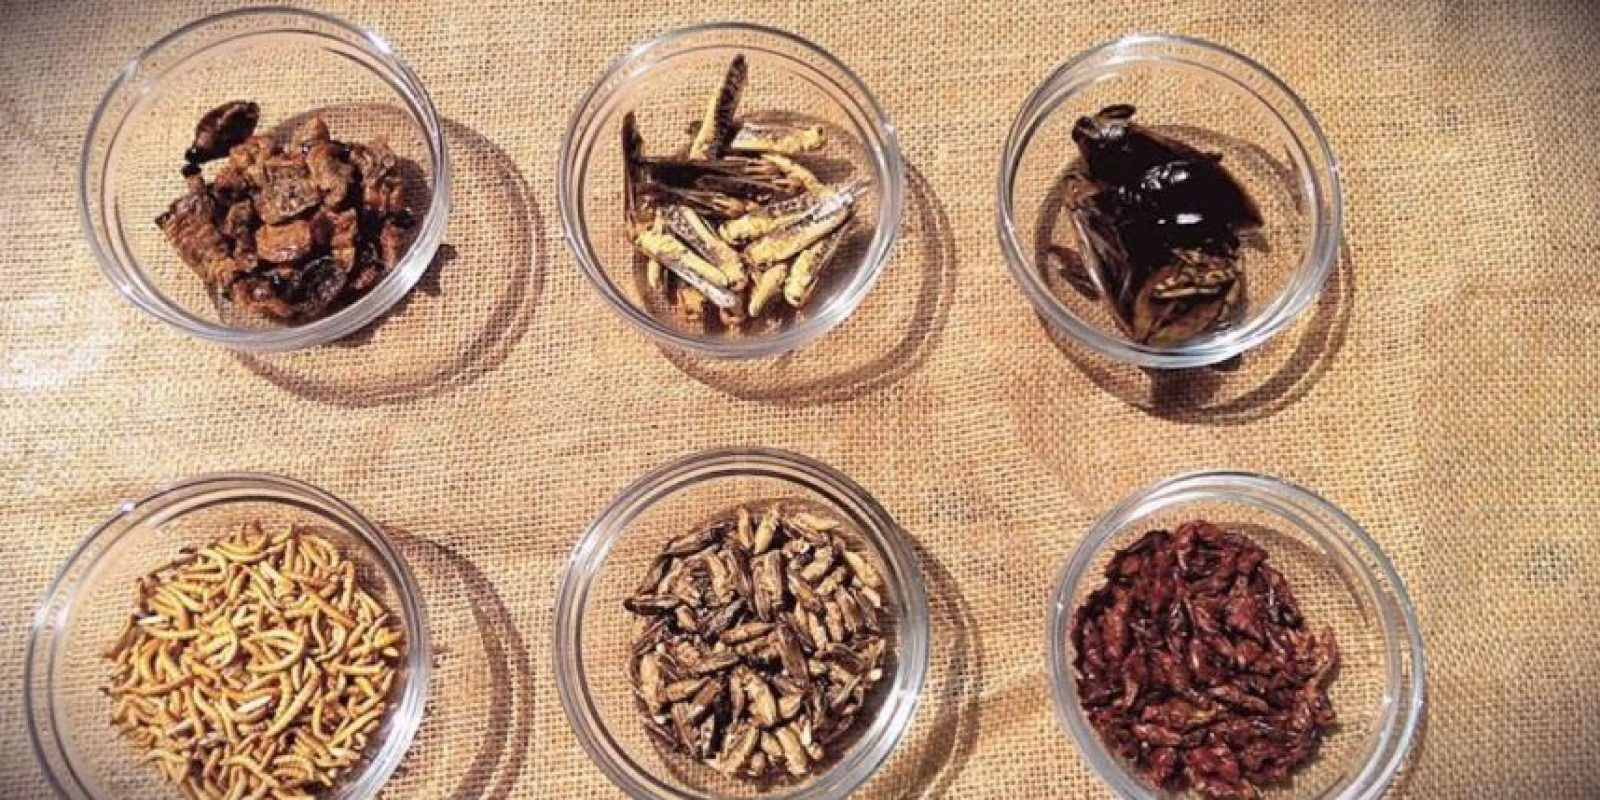 Degustaciones de distintos insectos. Foto:Vía facebook.com/Grub-Kitchen